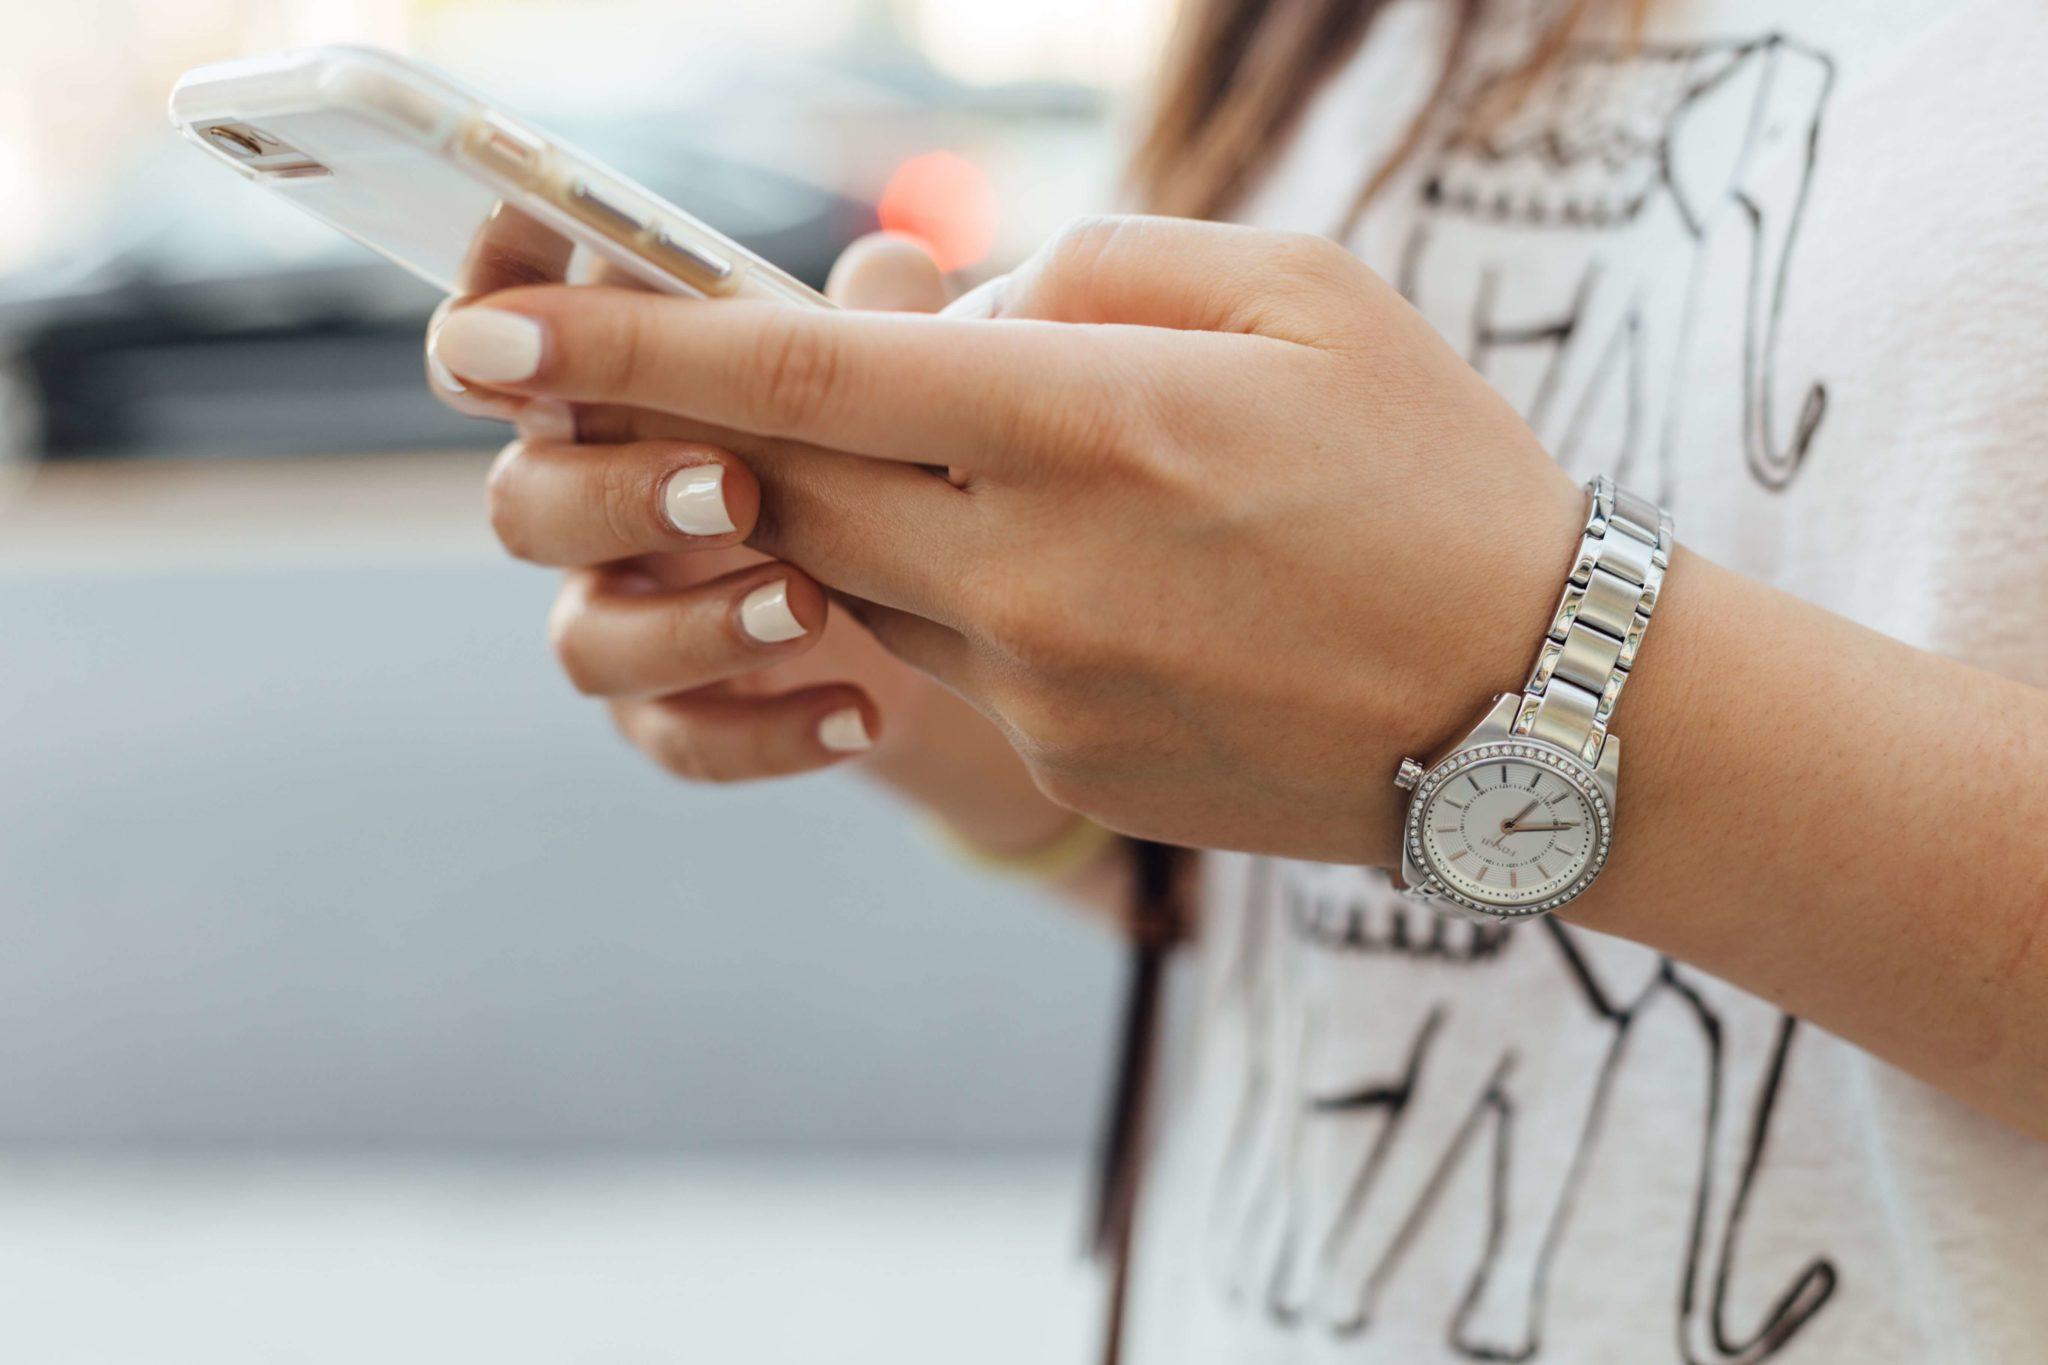 hello la com relations presse relations influenceurs marketing d'influence réseaux sociaux pour entreprise stratégie communication business smartphone